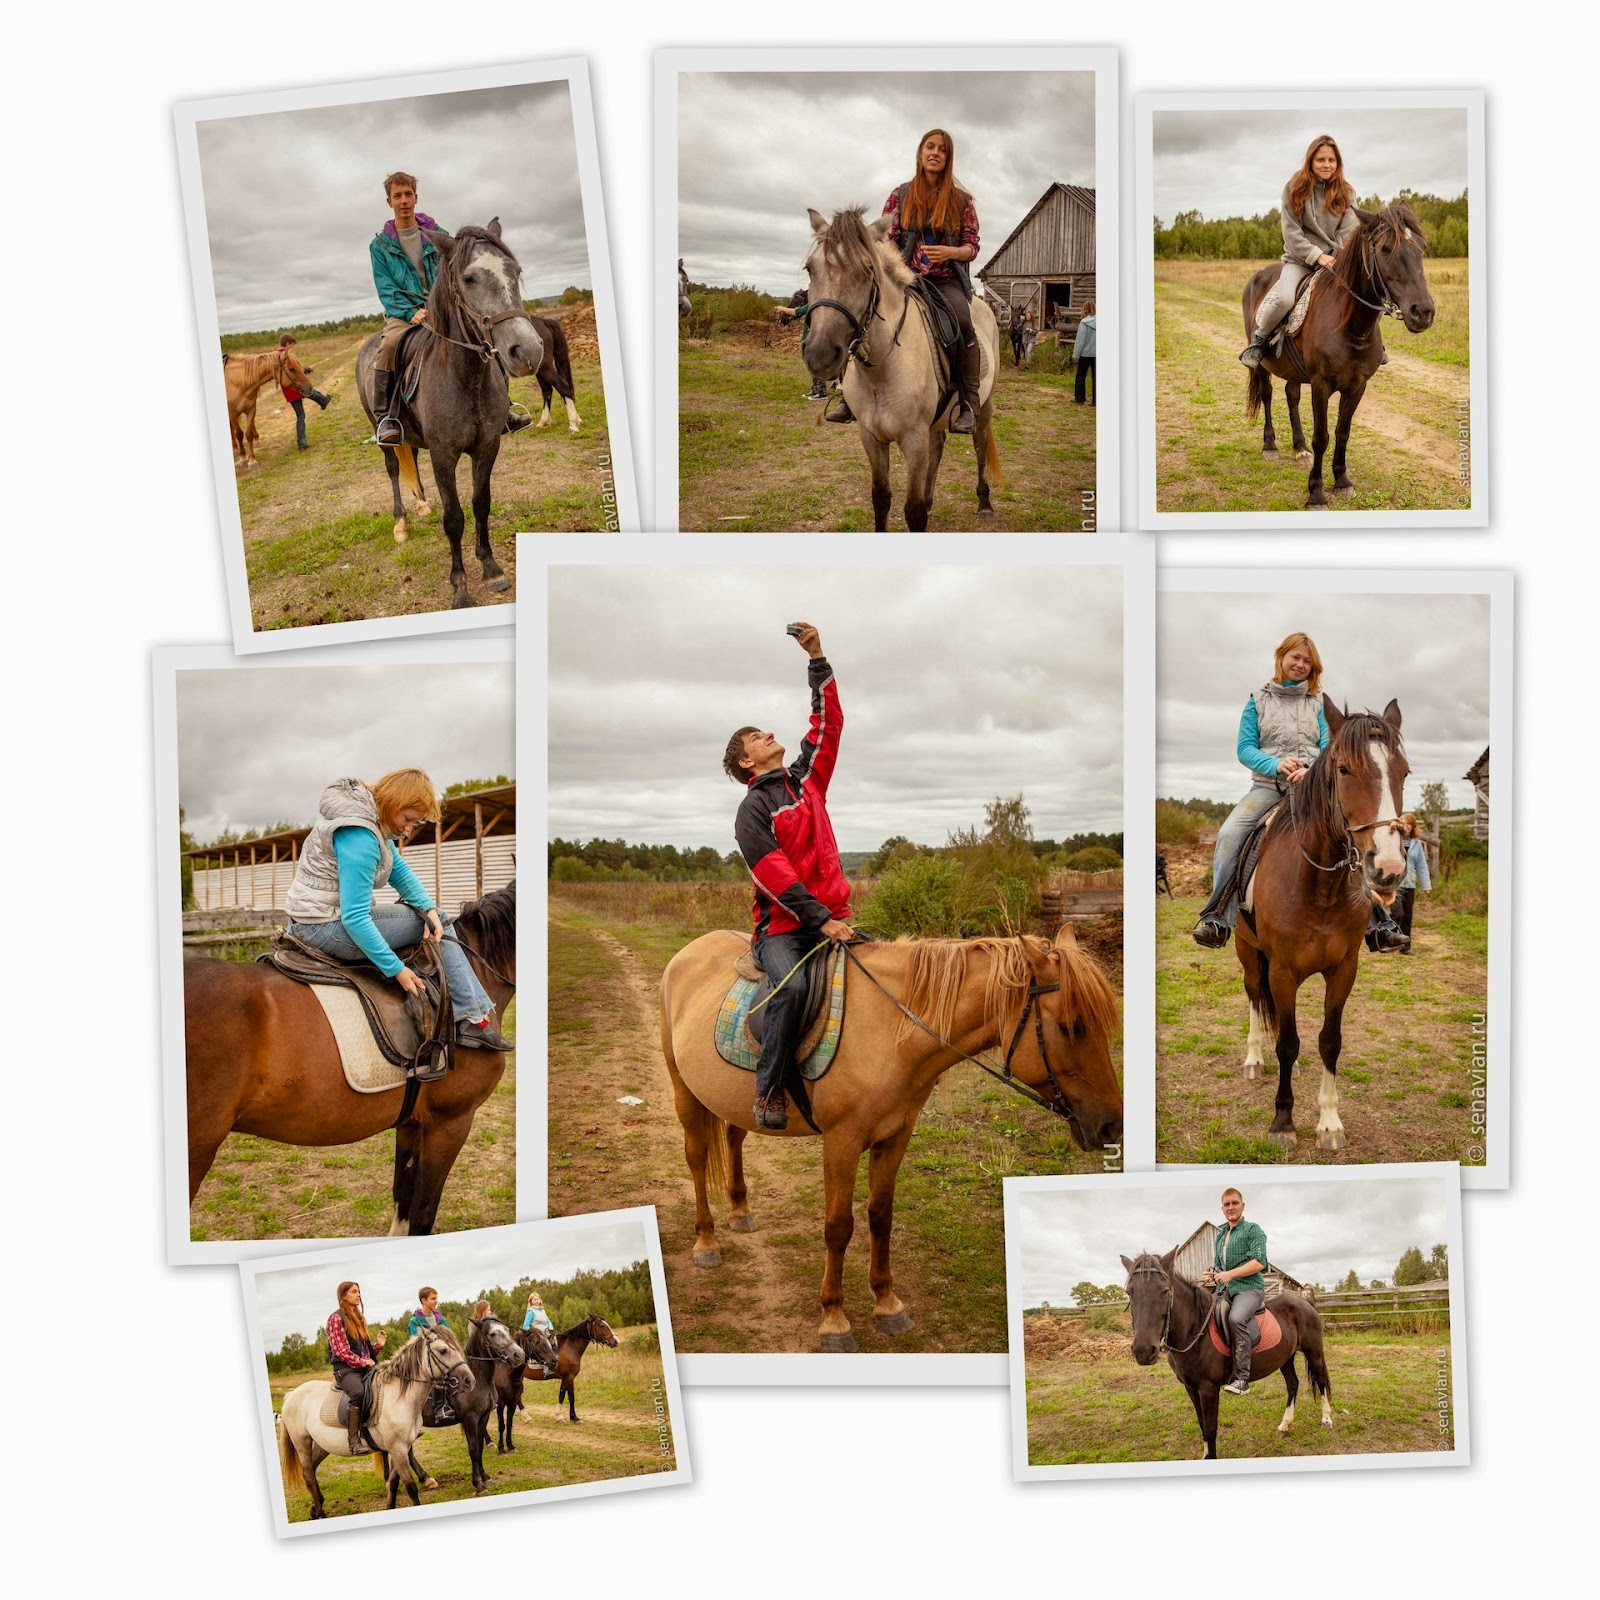 Отдых в деревне и прогулки на лошадях в последний день лета.